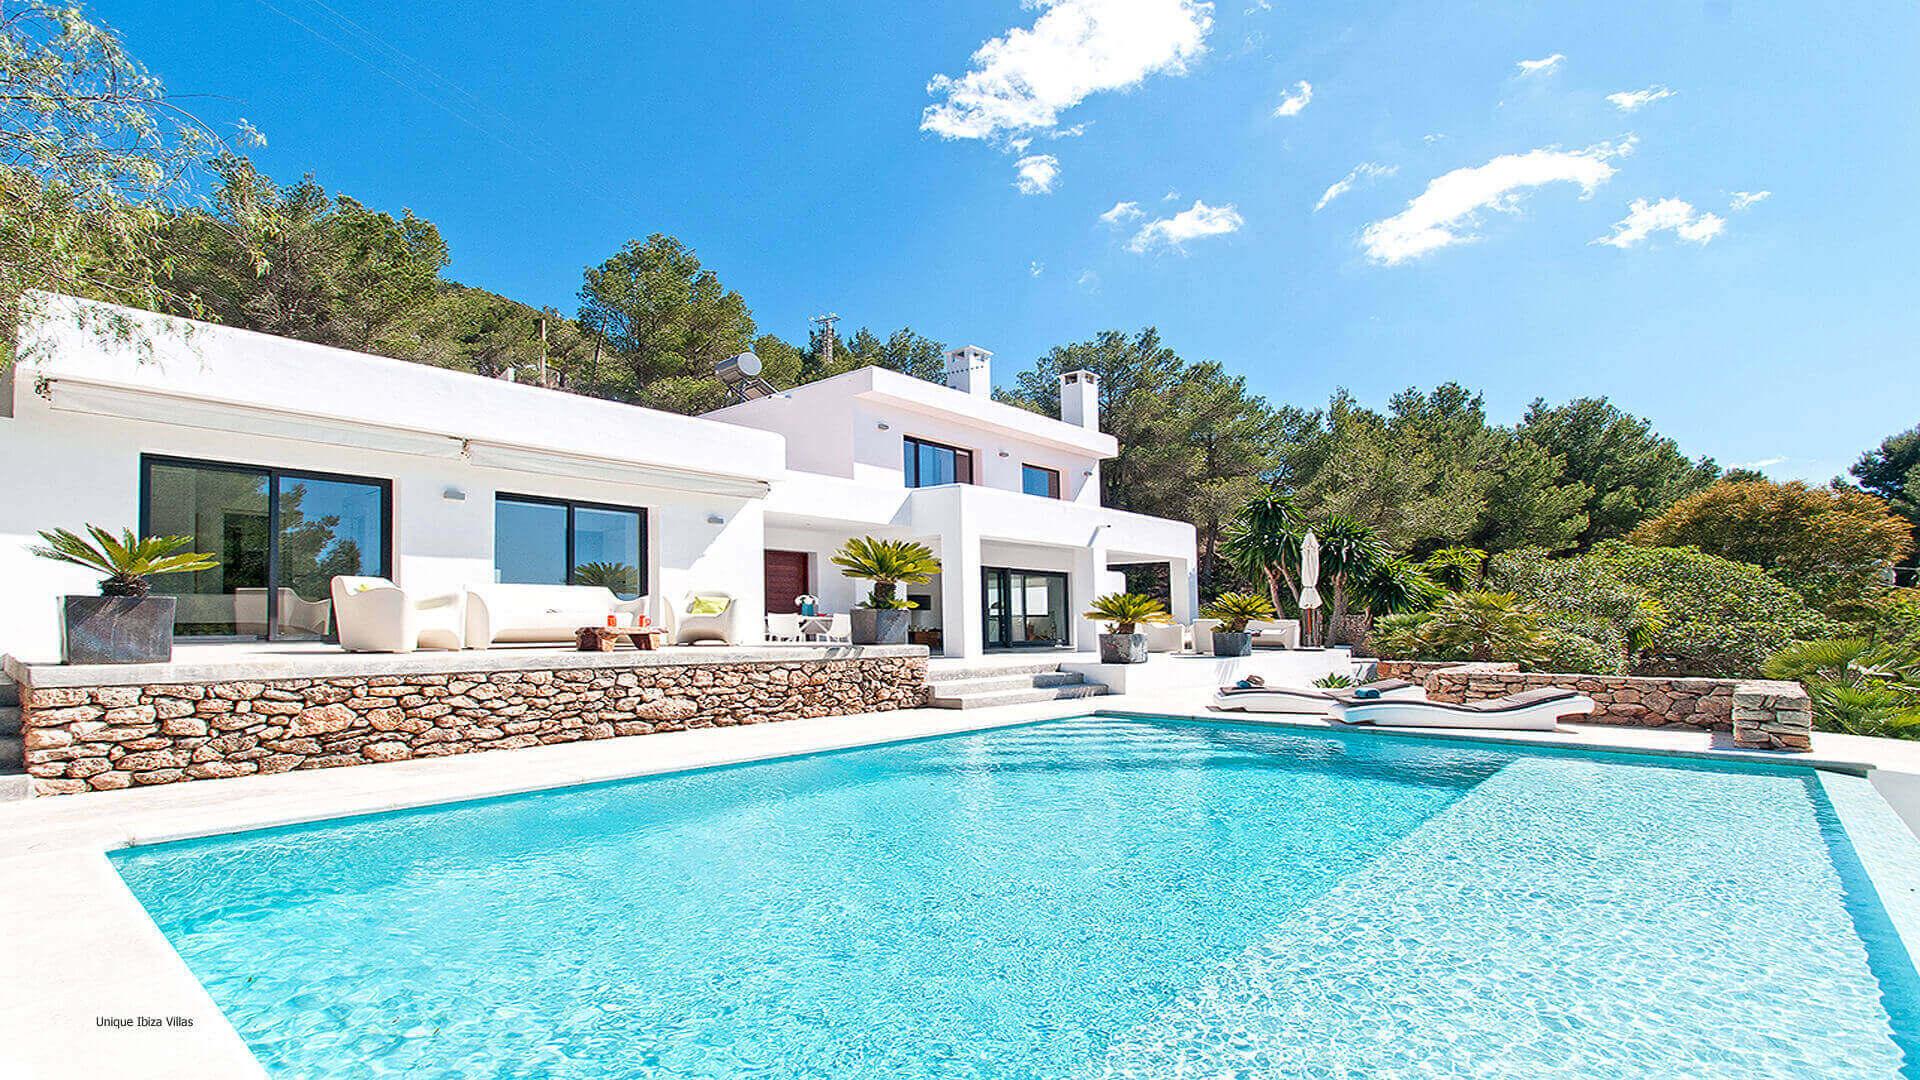 Villa Lua Ibiza 2 Cala Tarida